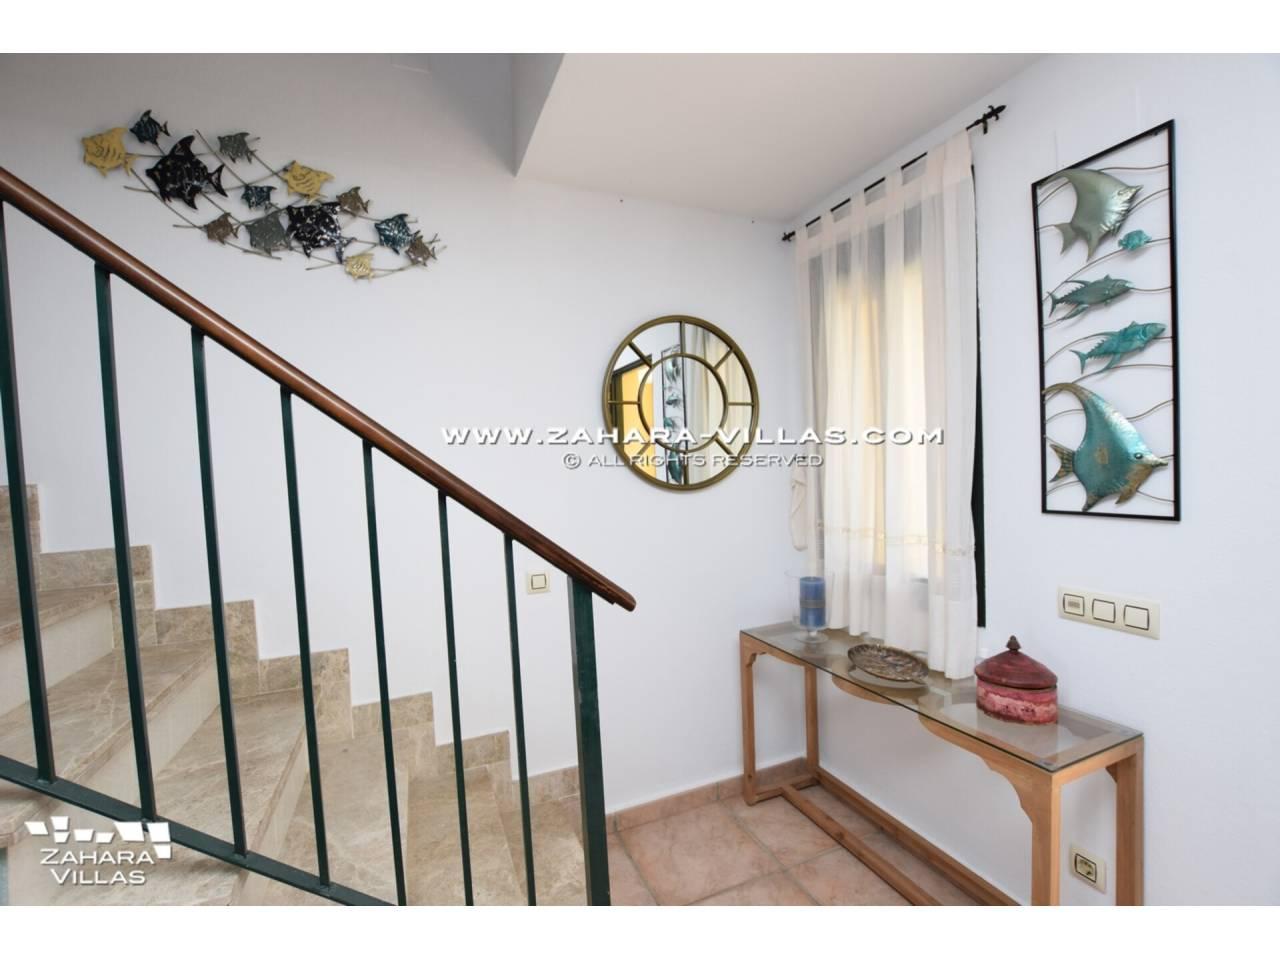 Imagen 12 de Casa Adosada con vistas al mar en venta en Urb. Jardines de Zahara